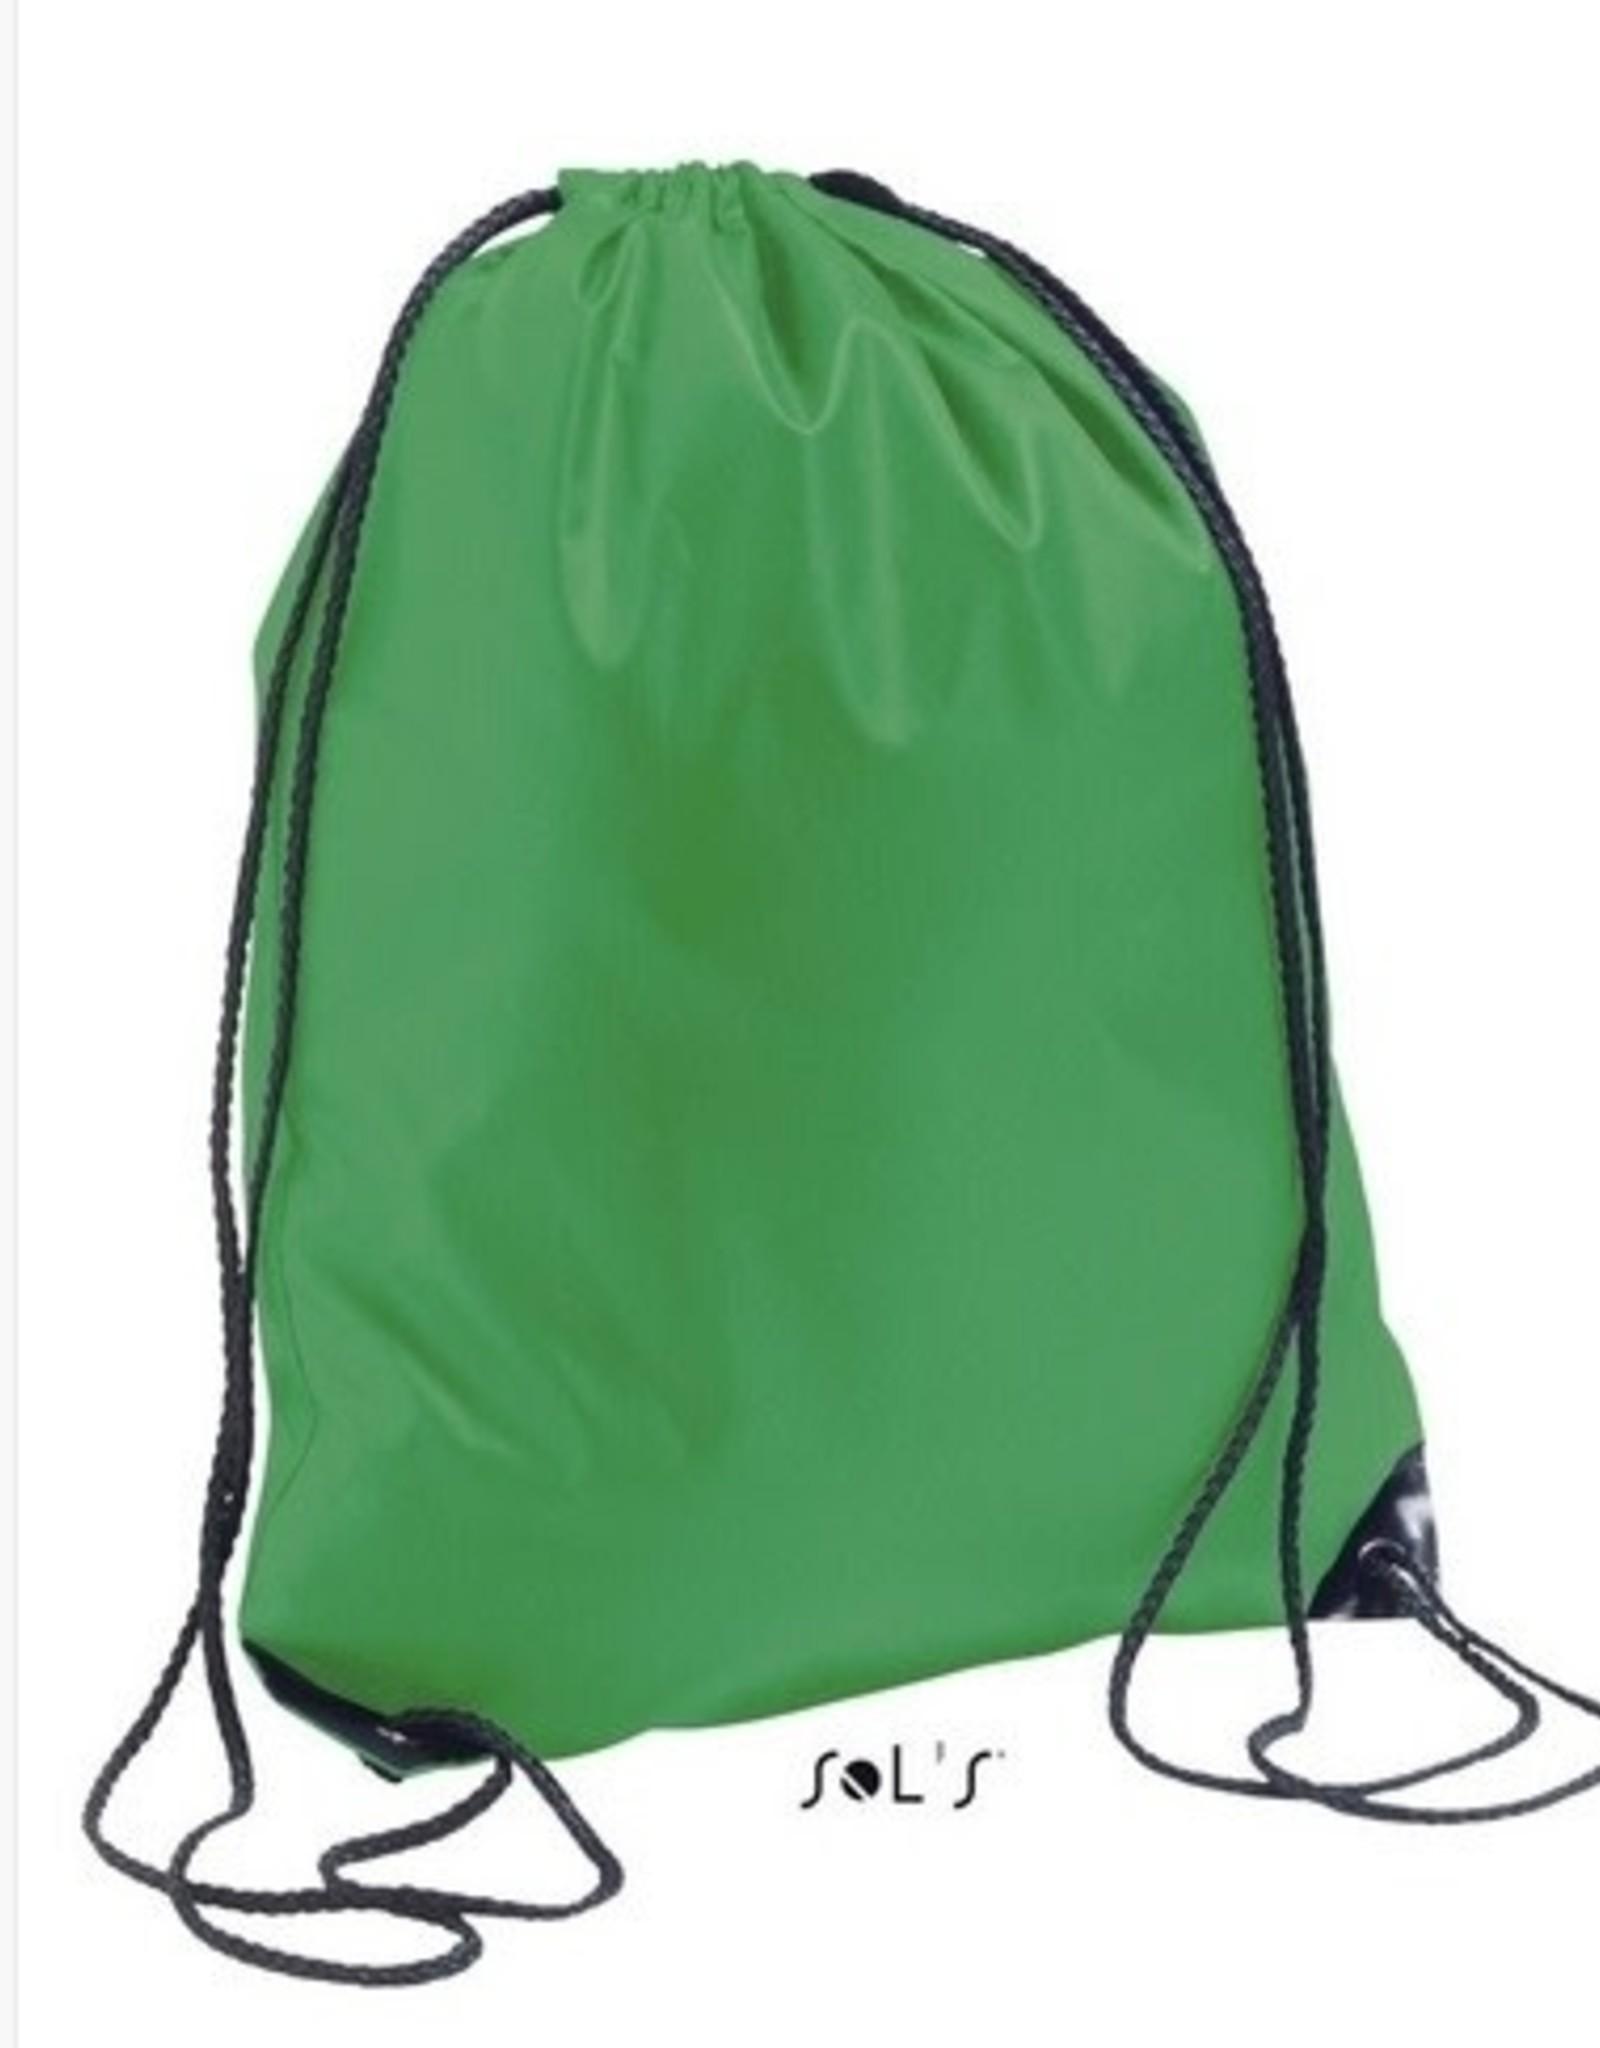 gepersonaliseerde zwemzak groen